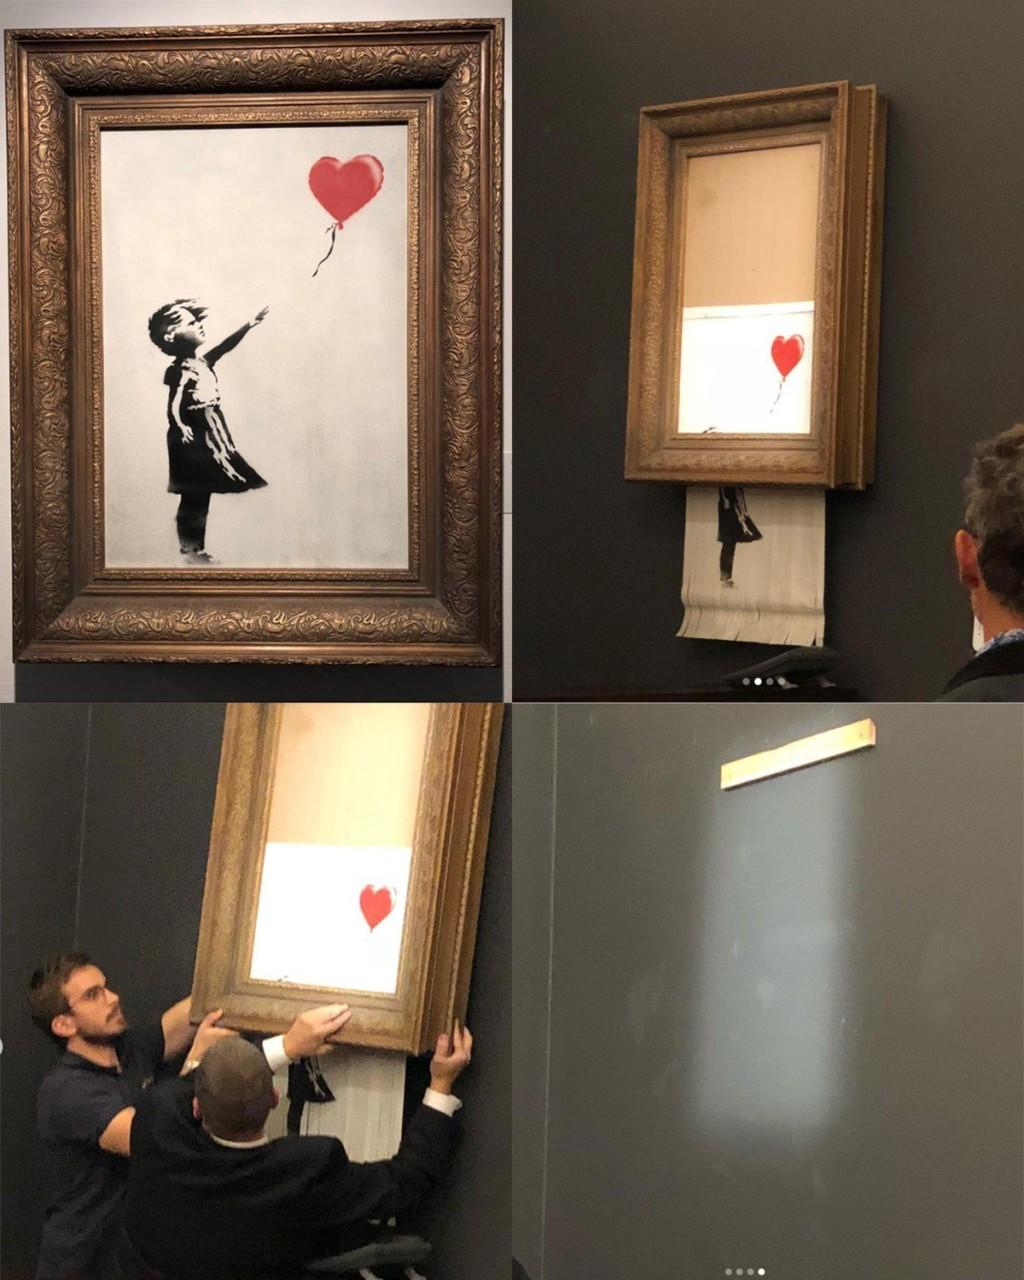 喊價結束一刻變碎紙!塗鴉大師Banksy設機關「自毀4000萬名畫」 主管:他真的是天才